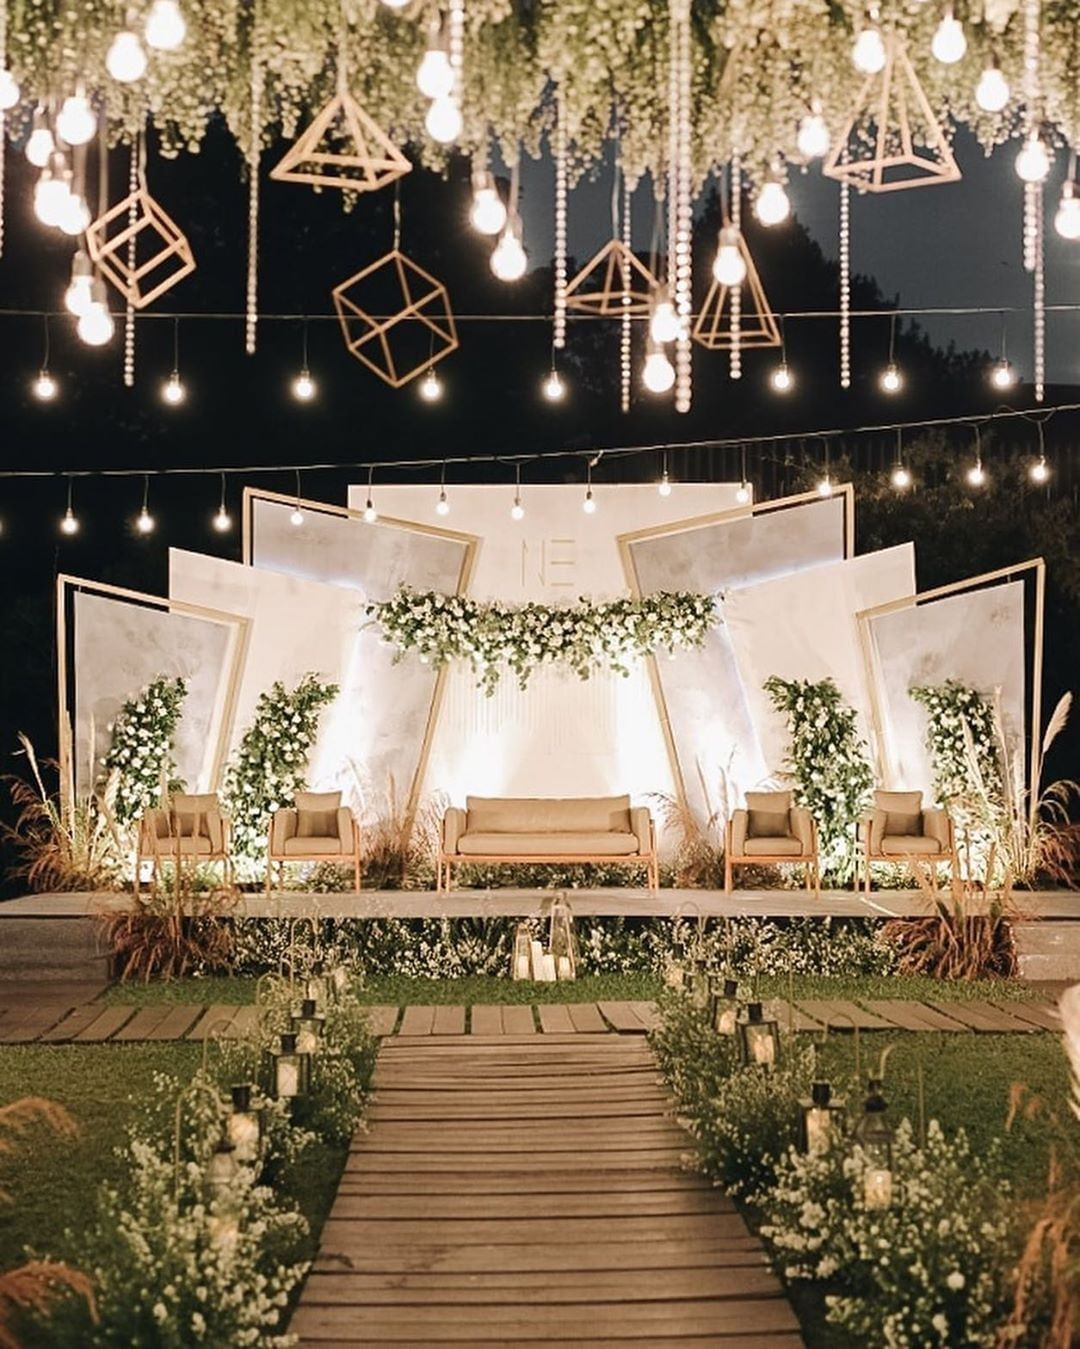 Dekorasi Pernikahan Pink Gold Cek Bahan Bangunan Dekorasi pelaminan putih gold